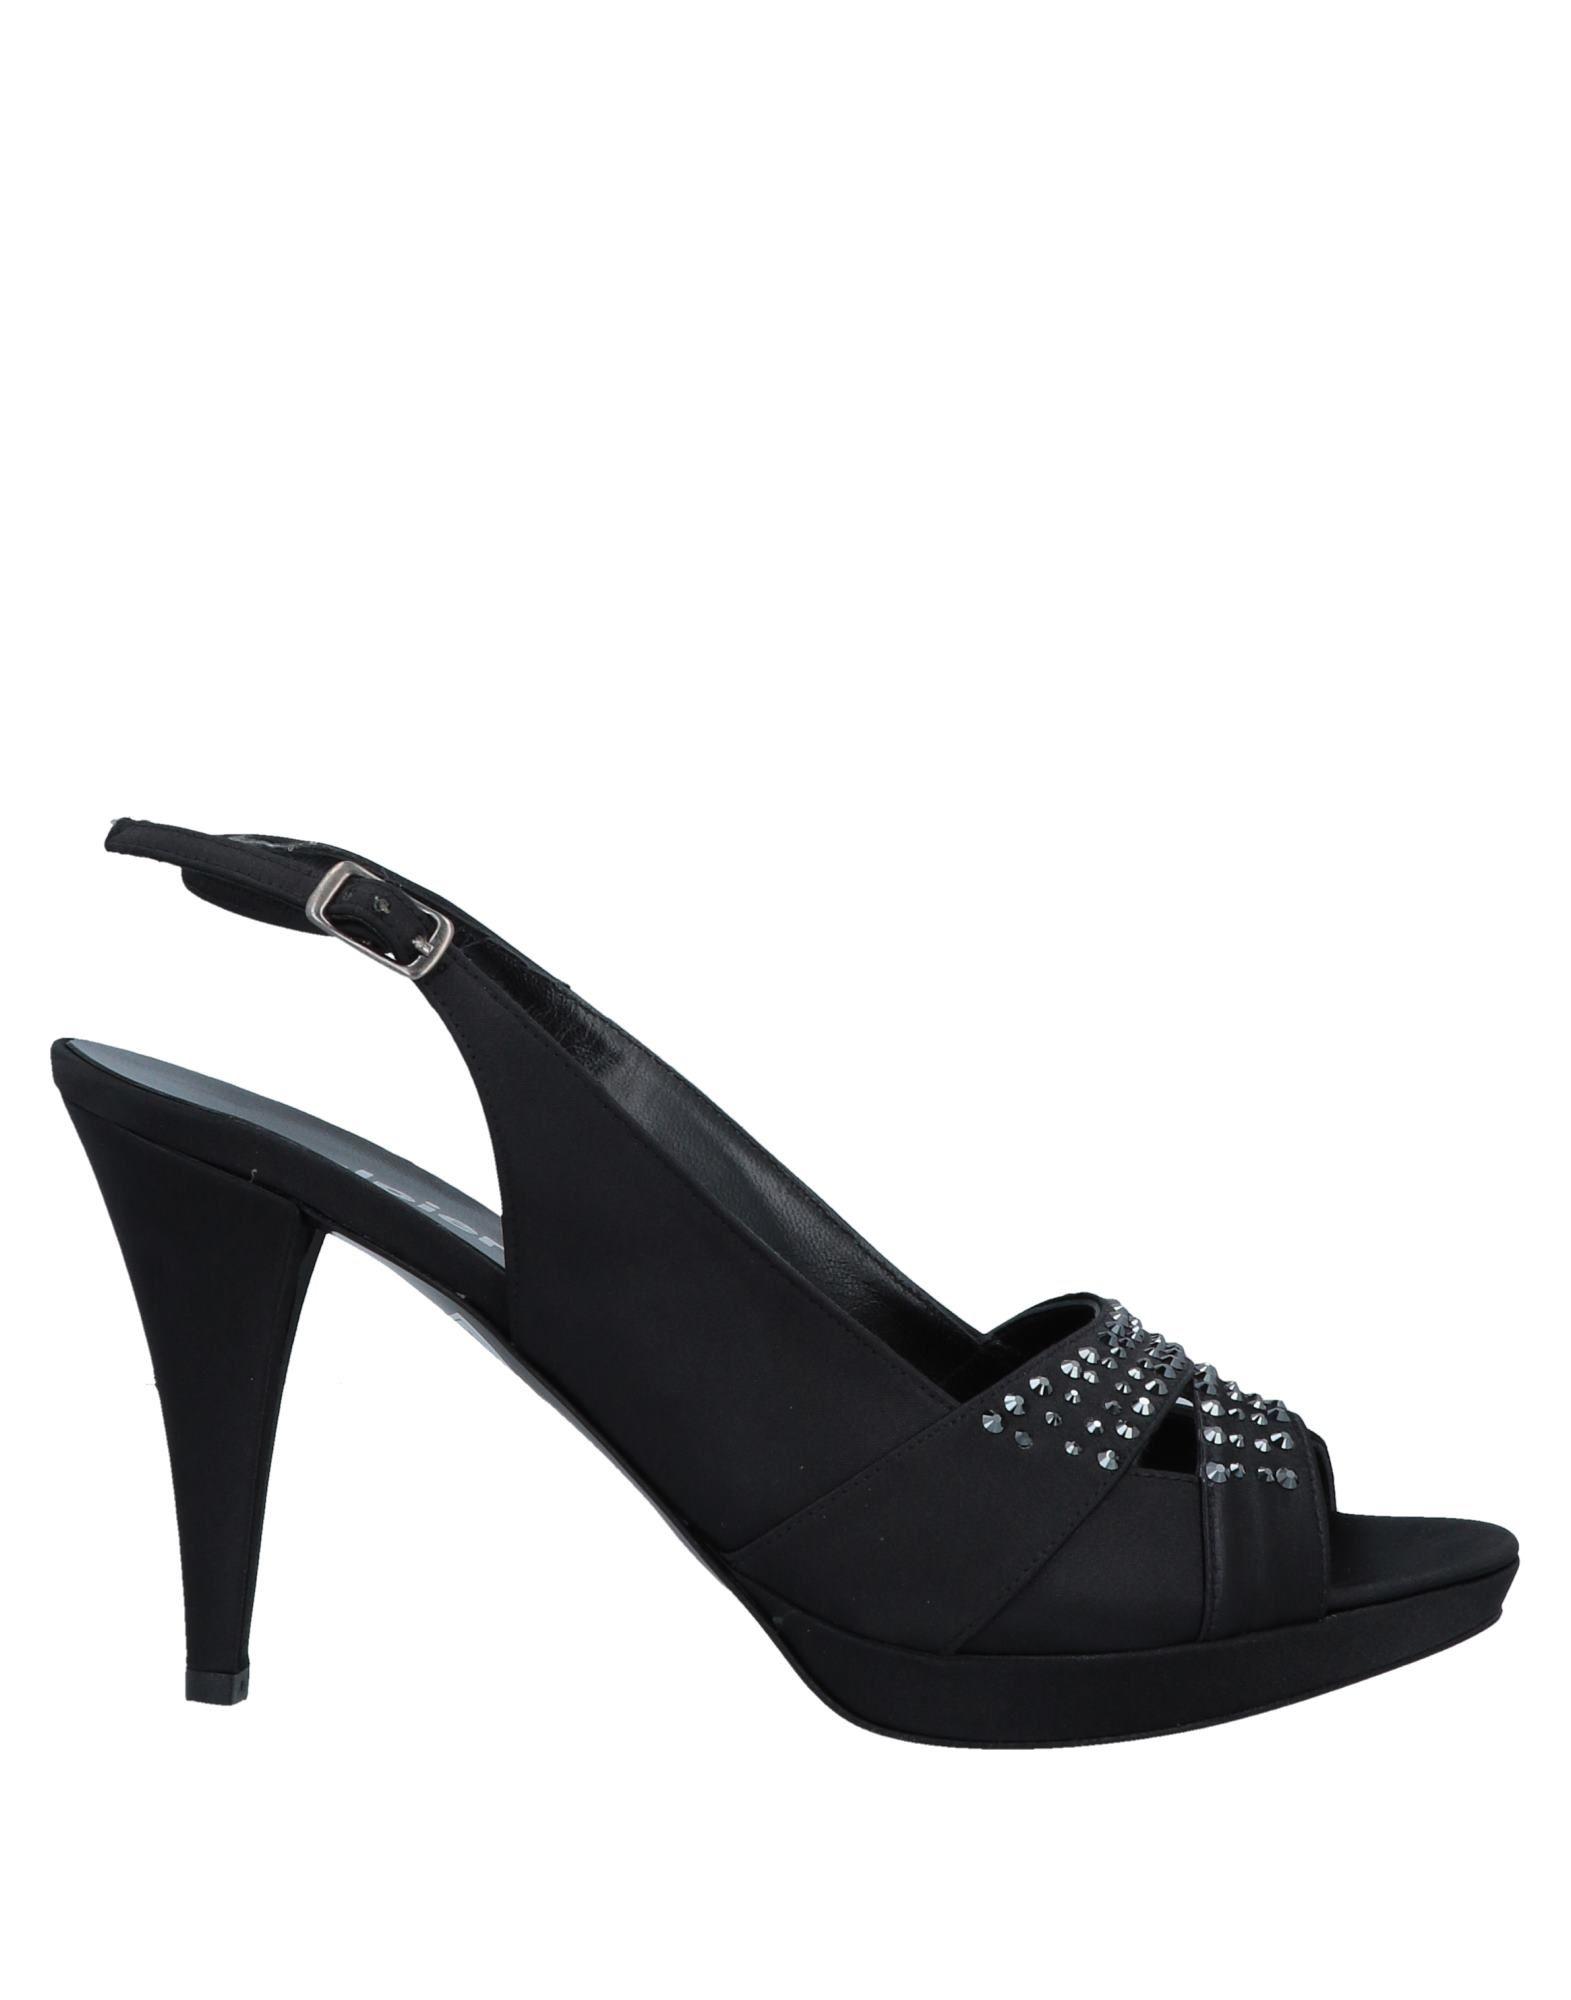 Calpierre Calpierre Calpierre Sandalen Damen  11632509AH Gute Qualität beliebte Schuhe 429d42